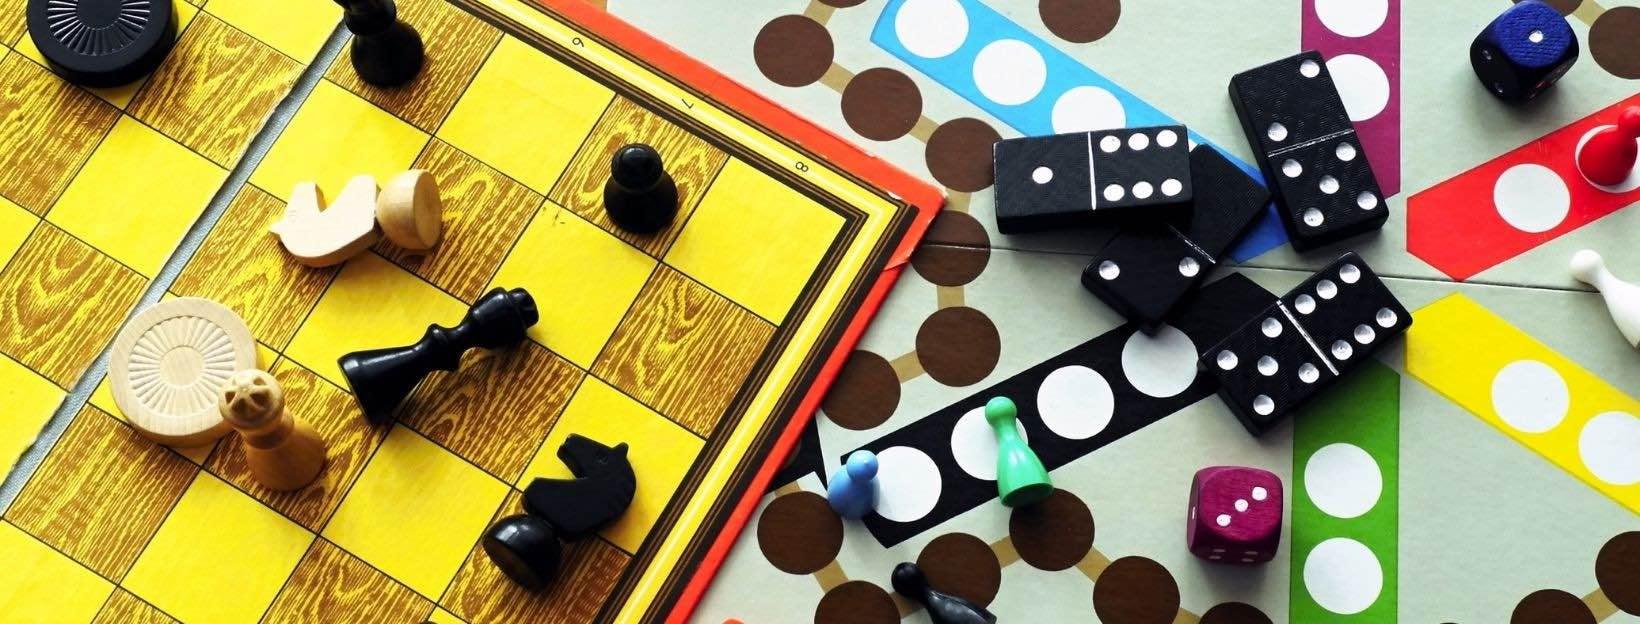 Brettspiele: Ideen für Video Calls mit Freunden